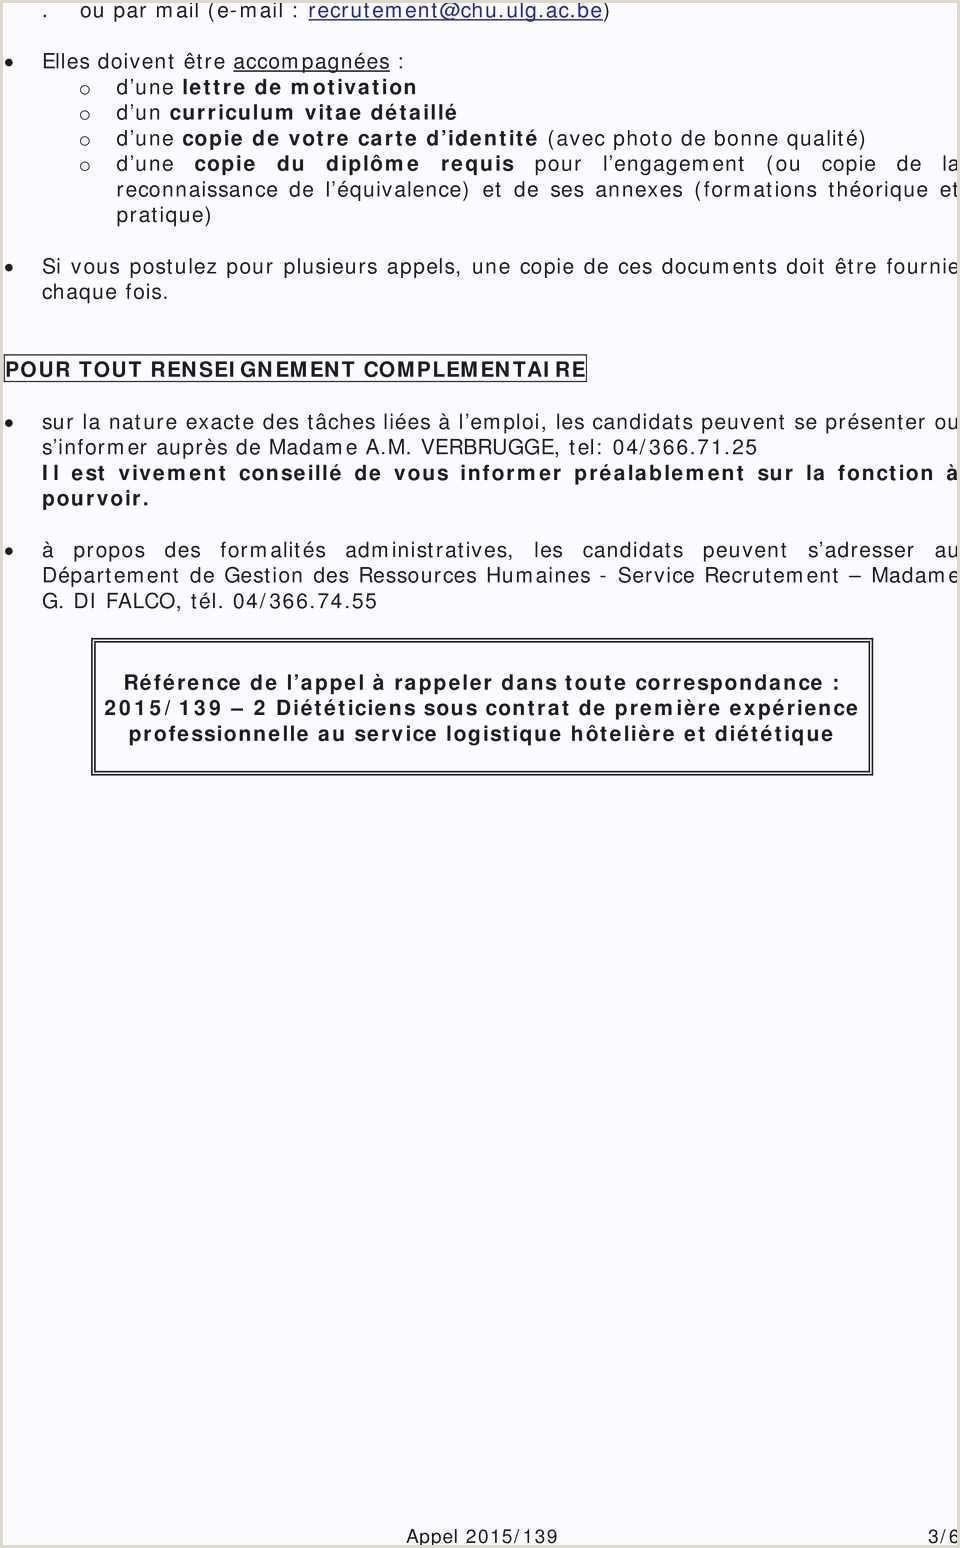 33 Modele Lettre Resiliation Contrat Telesurveillance